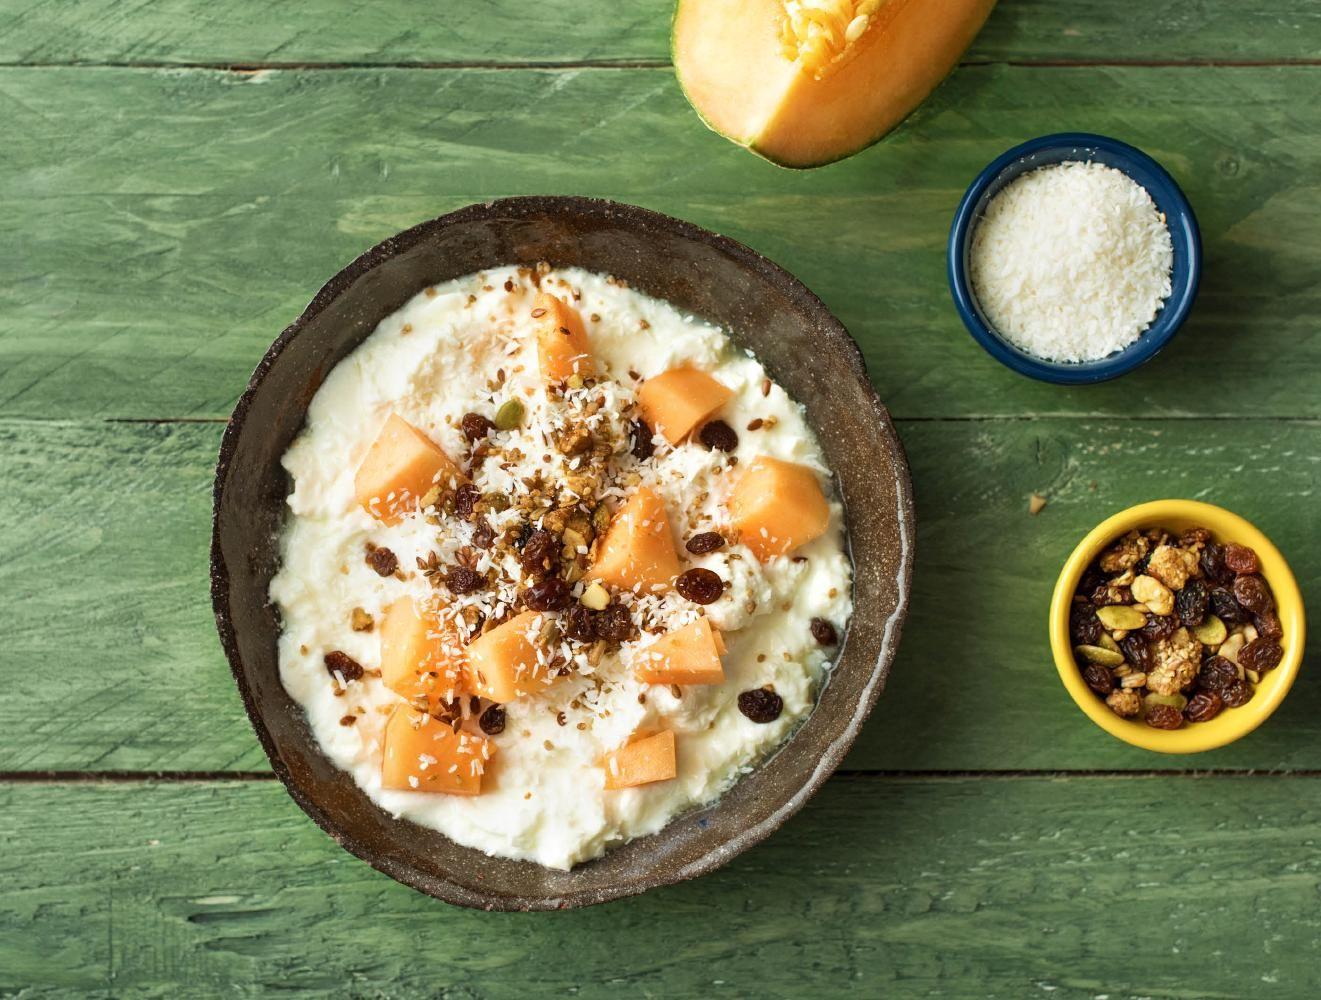 Halfvolle kwark met cantaloupe, muesli en kokos  Recept | HelloFresh